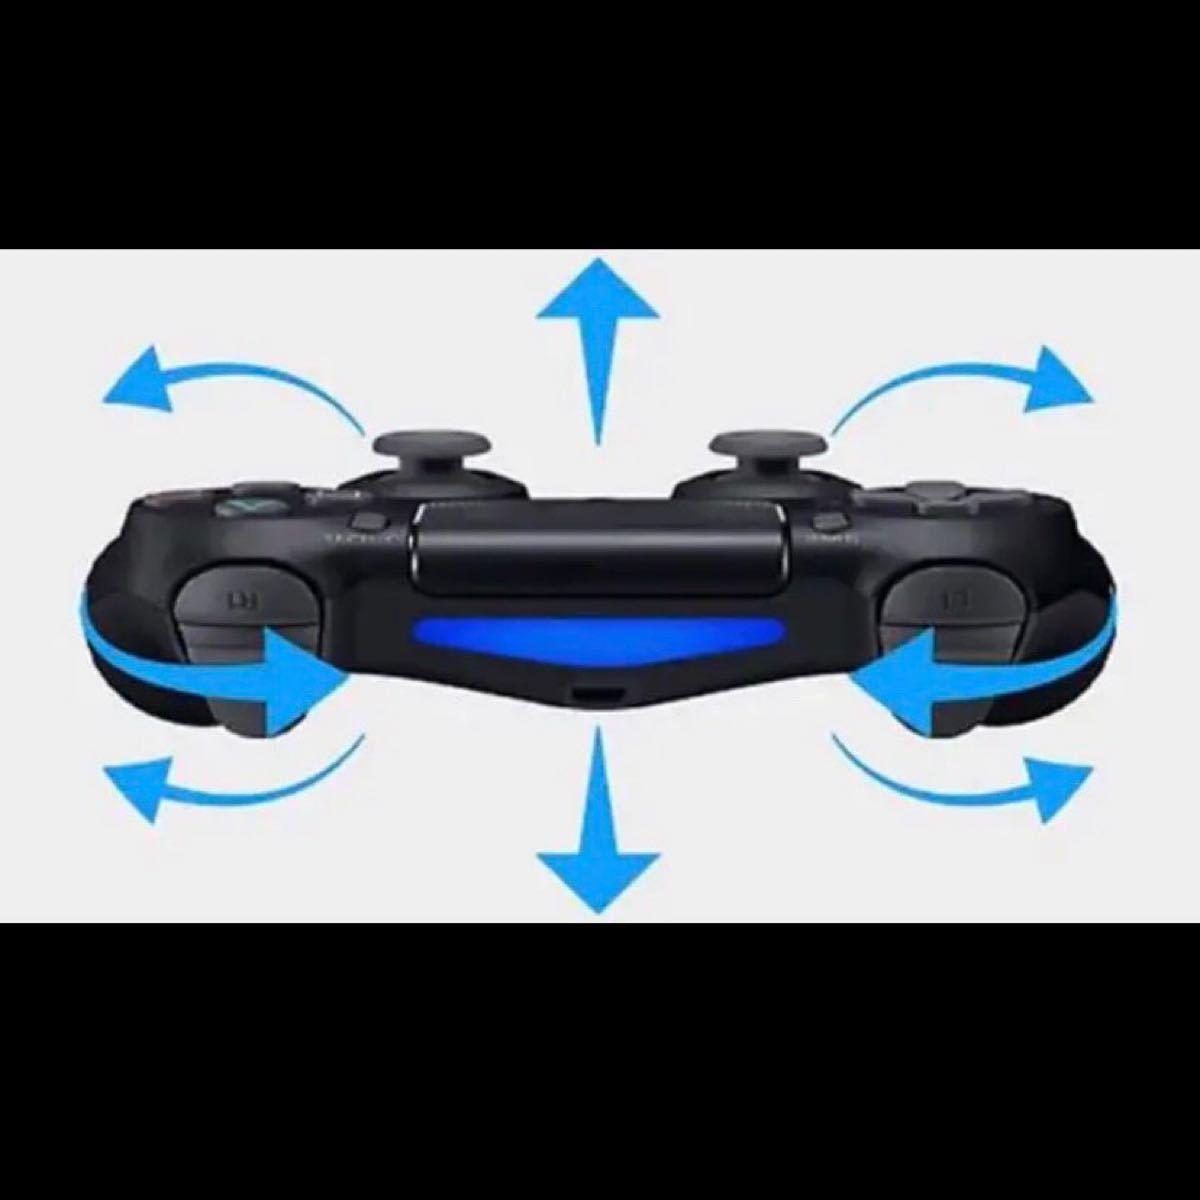 プレステ4 PS4 ワイヤレス コントローラー プレステーション4 黒 互換品